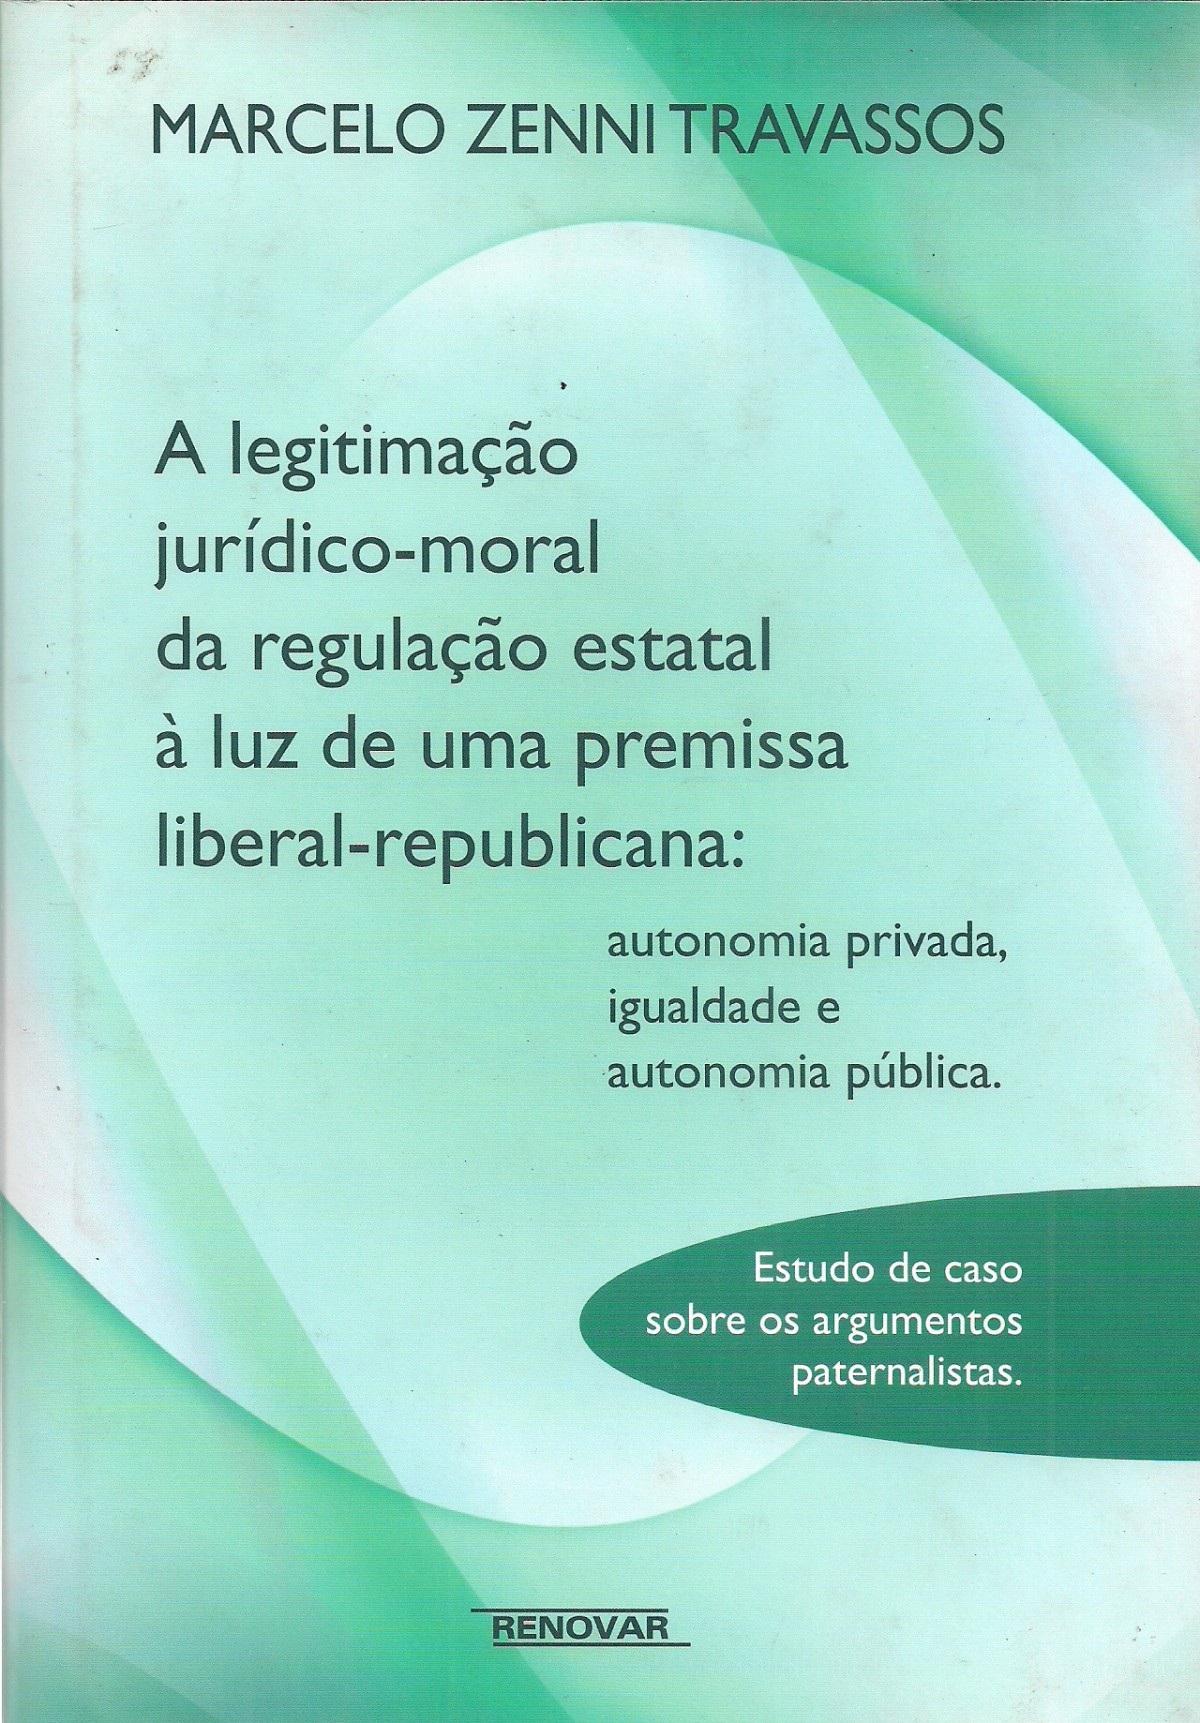 Foto 1 - A Legitimação Jurídico-Moral da Regulação Estatal a Luz de uma Premissa Liberal-Republicana